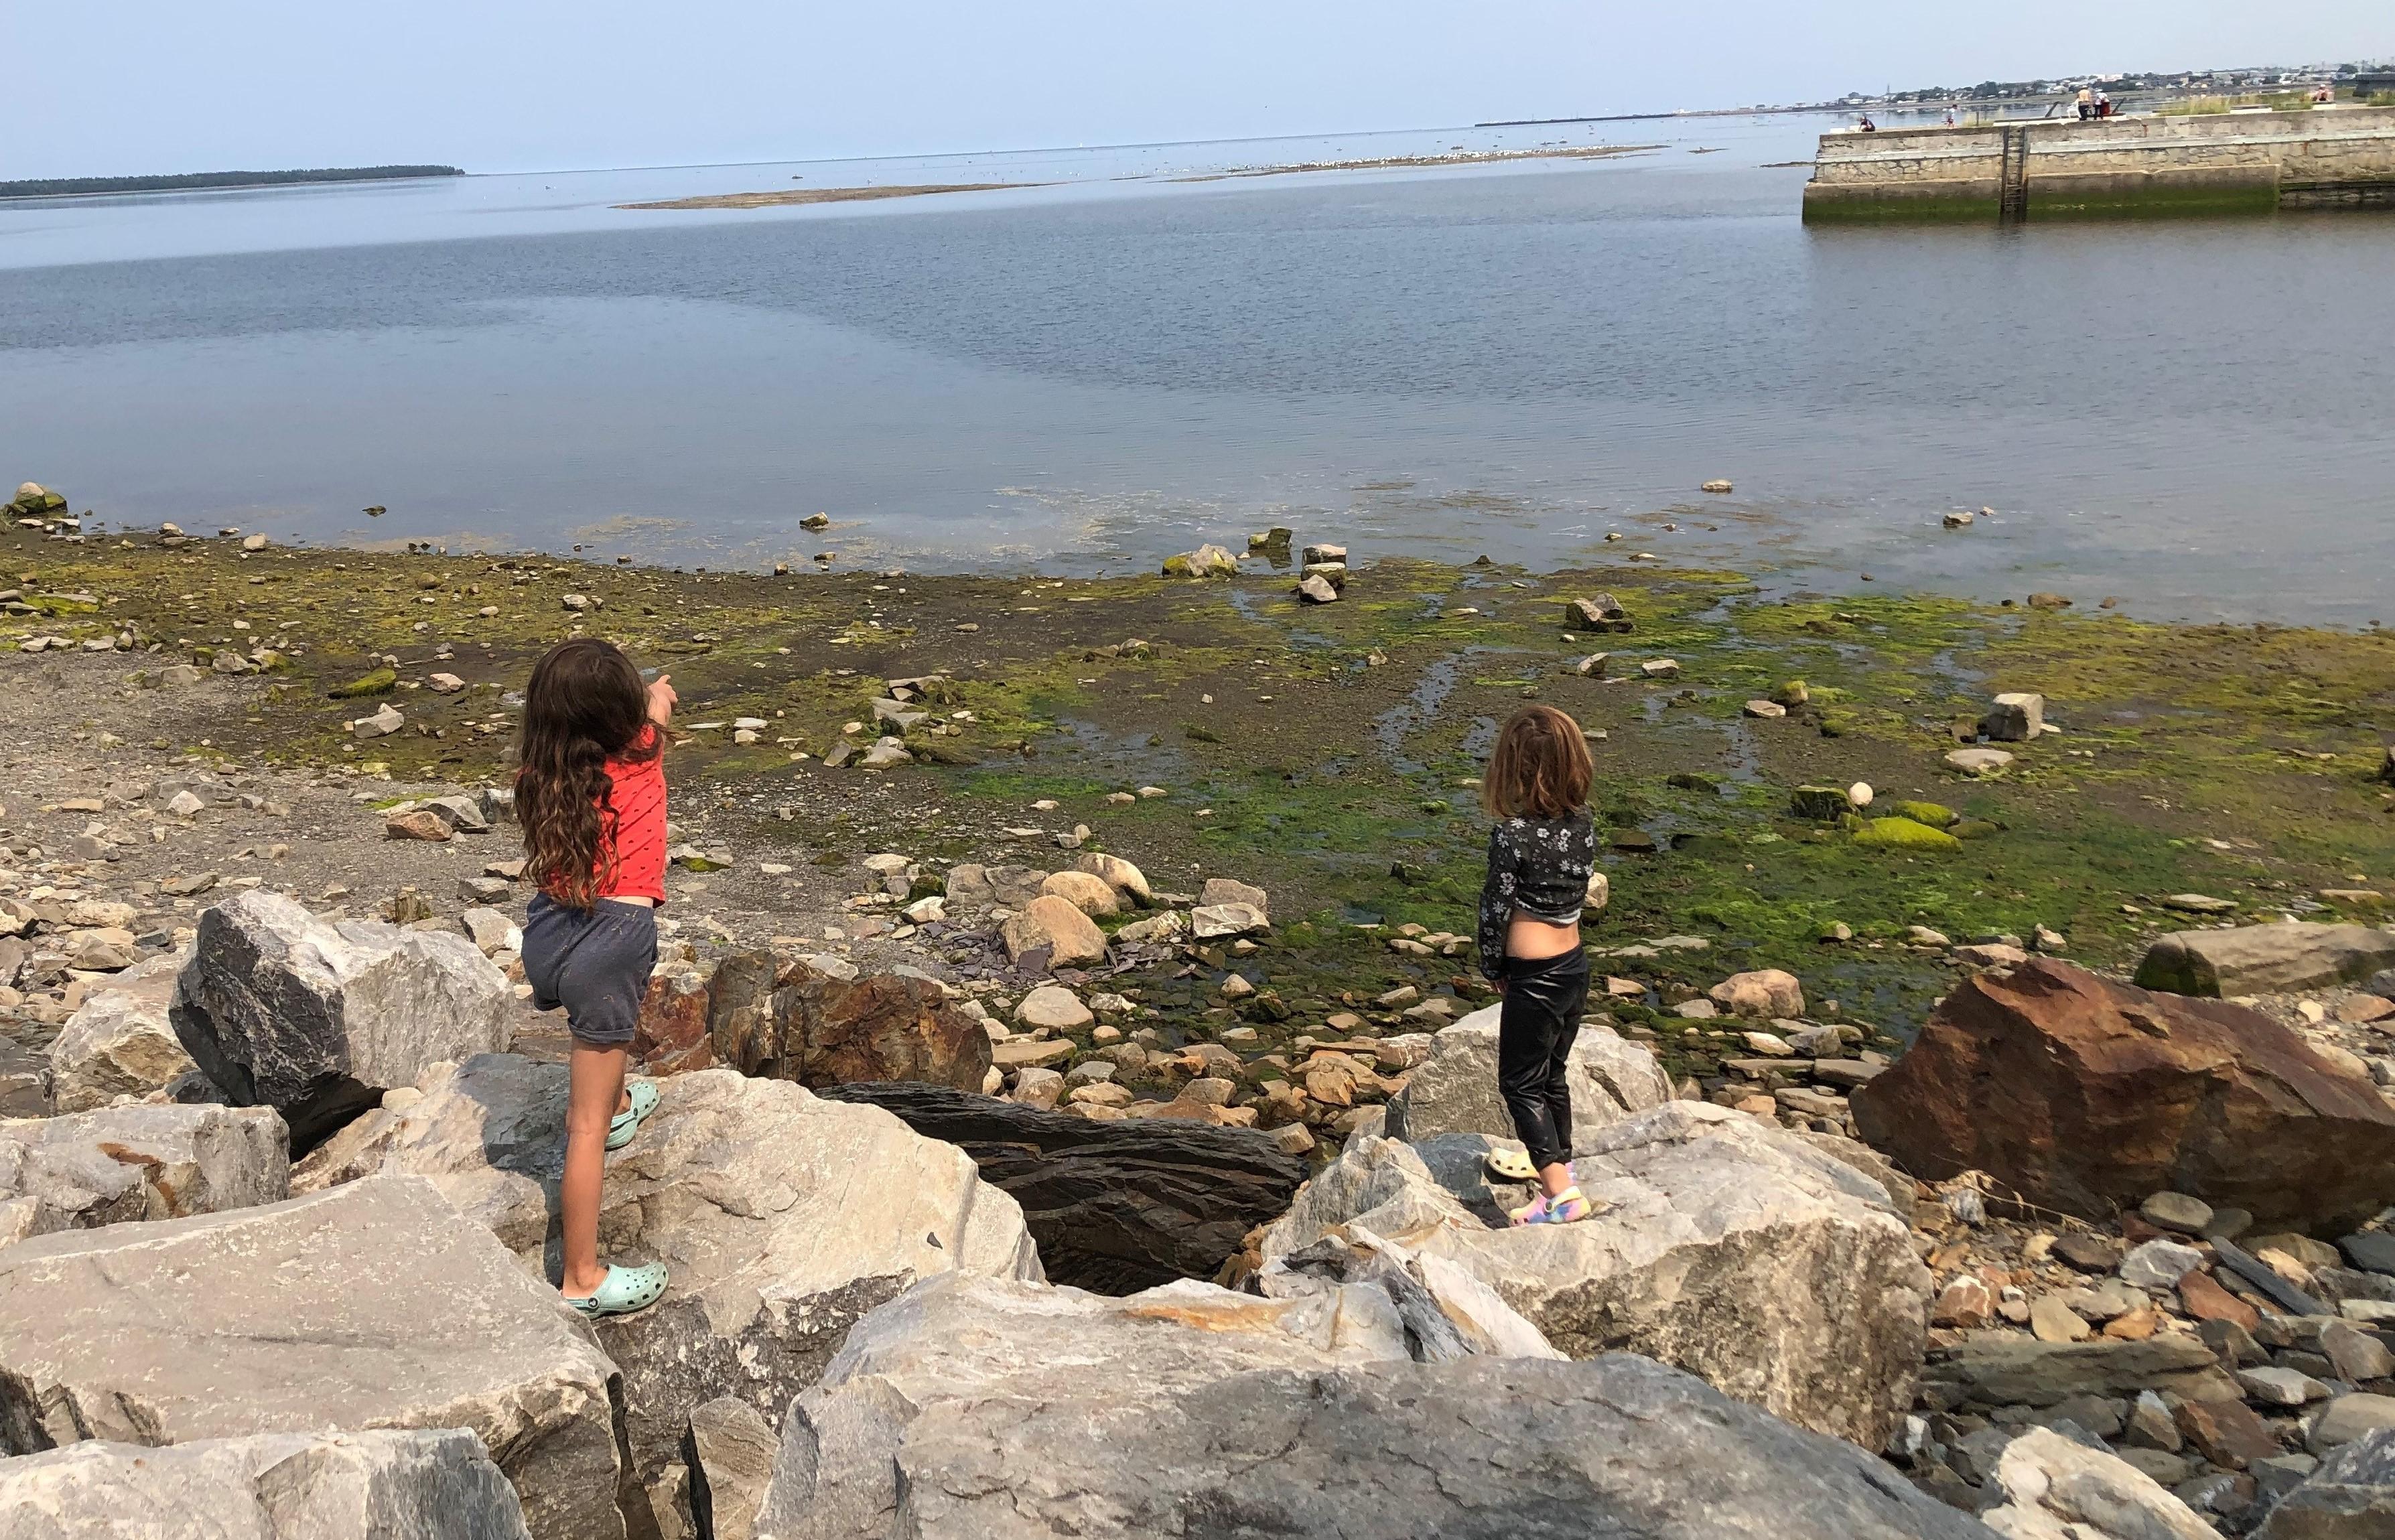 Les visiteurs sont présents en grand nombre à Rimouski. Les commerces en ressentent les effets. Tourisme.